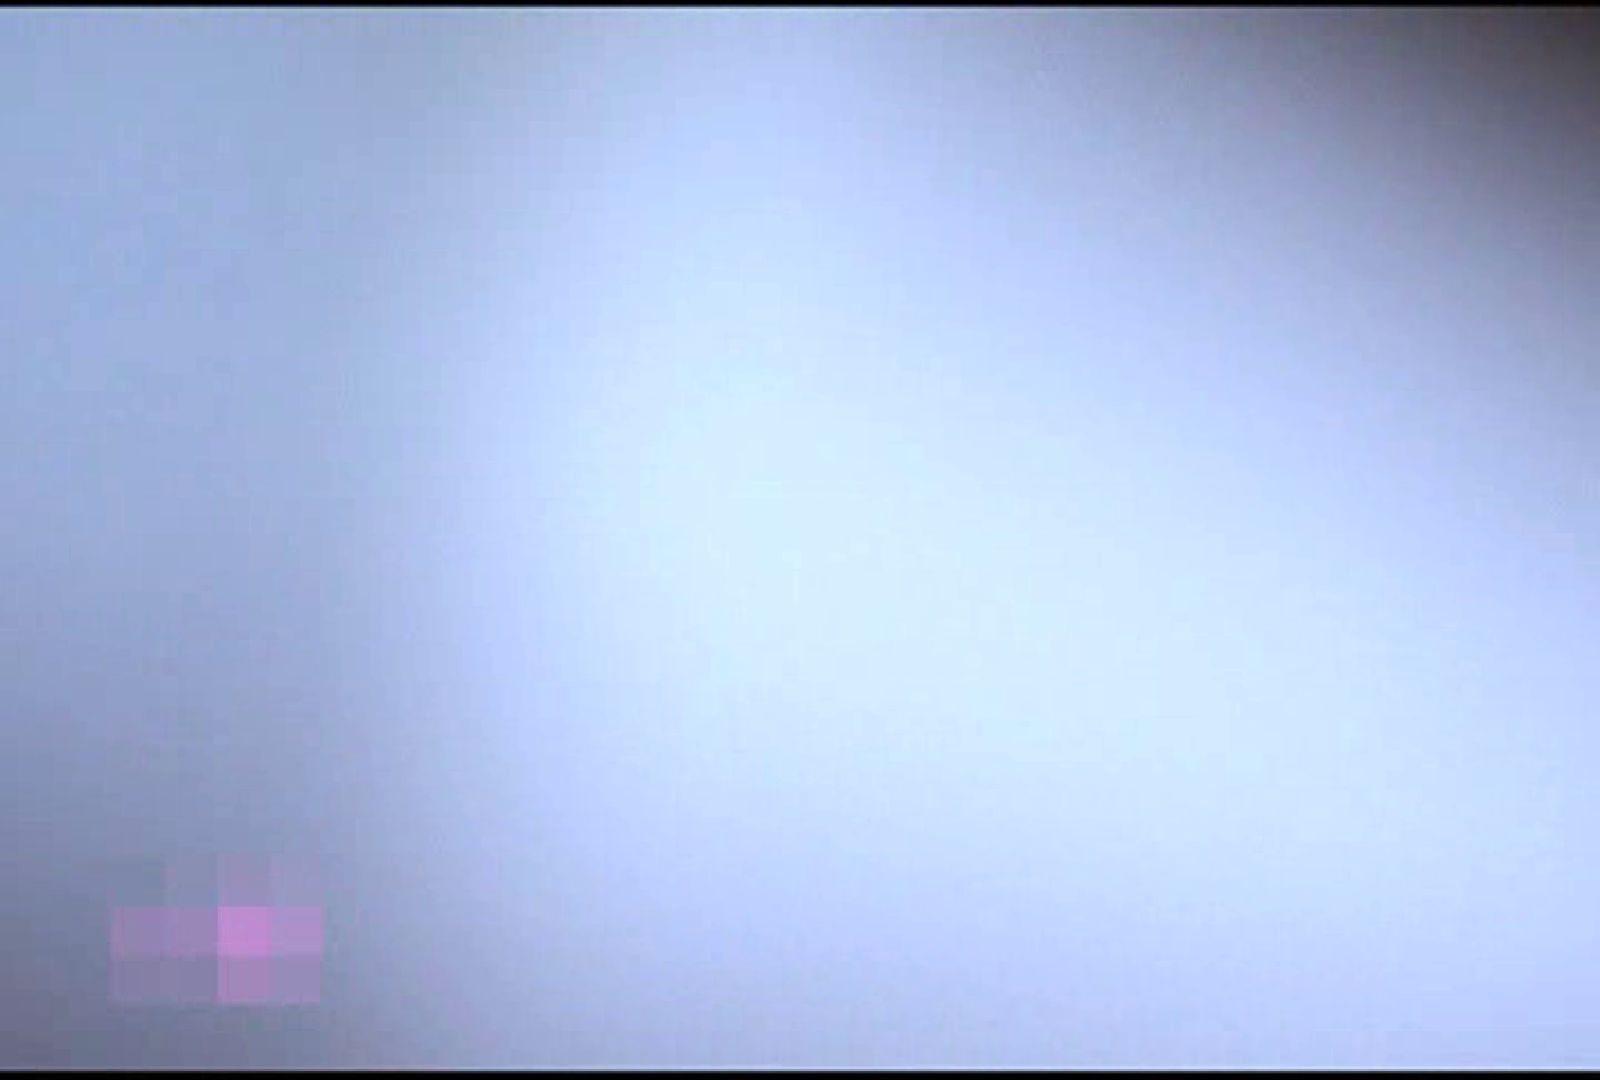 熱視線Vol.5 OLセックス | 乳首ポロリ  77画像 71